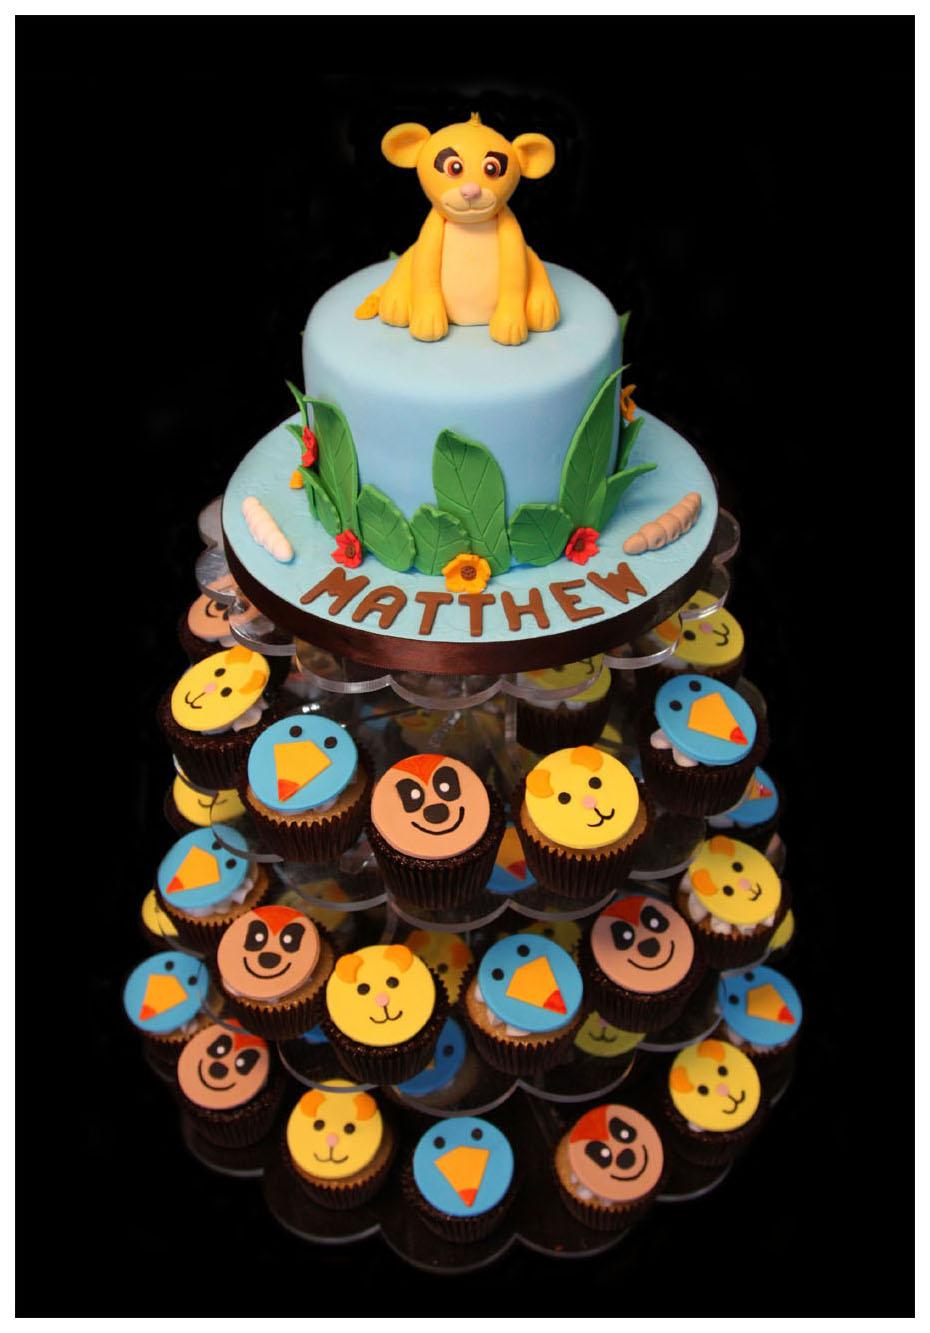 Sugarbabies Custom Birthday Cake Gallery Sugarbabies